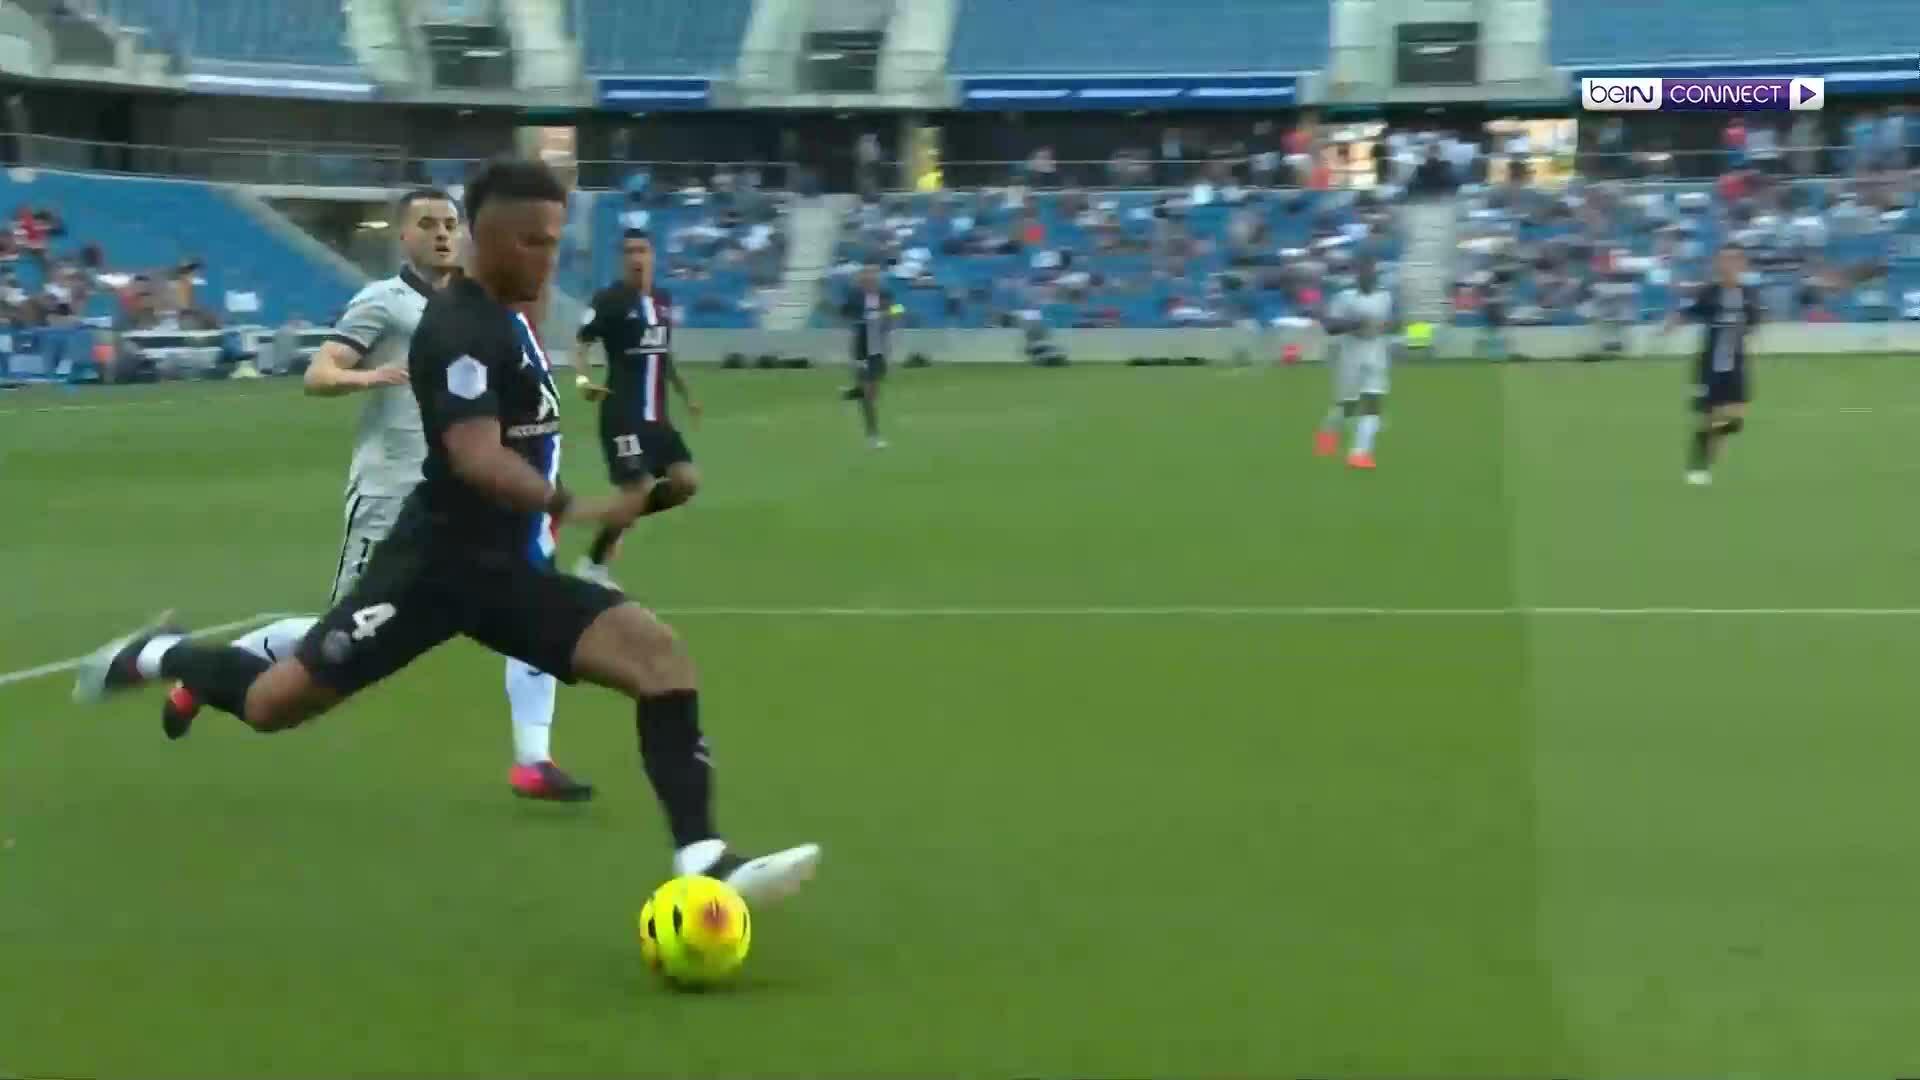 Le Havre 0-9 PSG